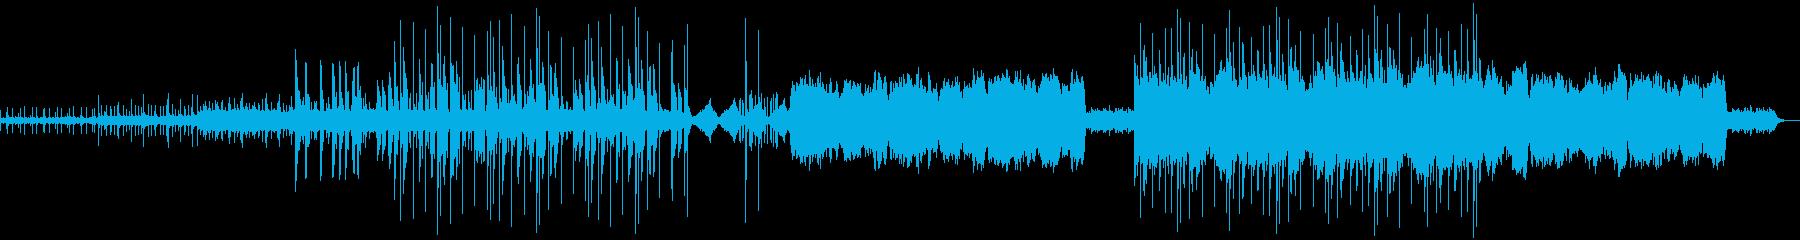 動画 押しつけがましい サスペンス...の再生済みの波形